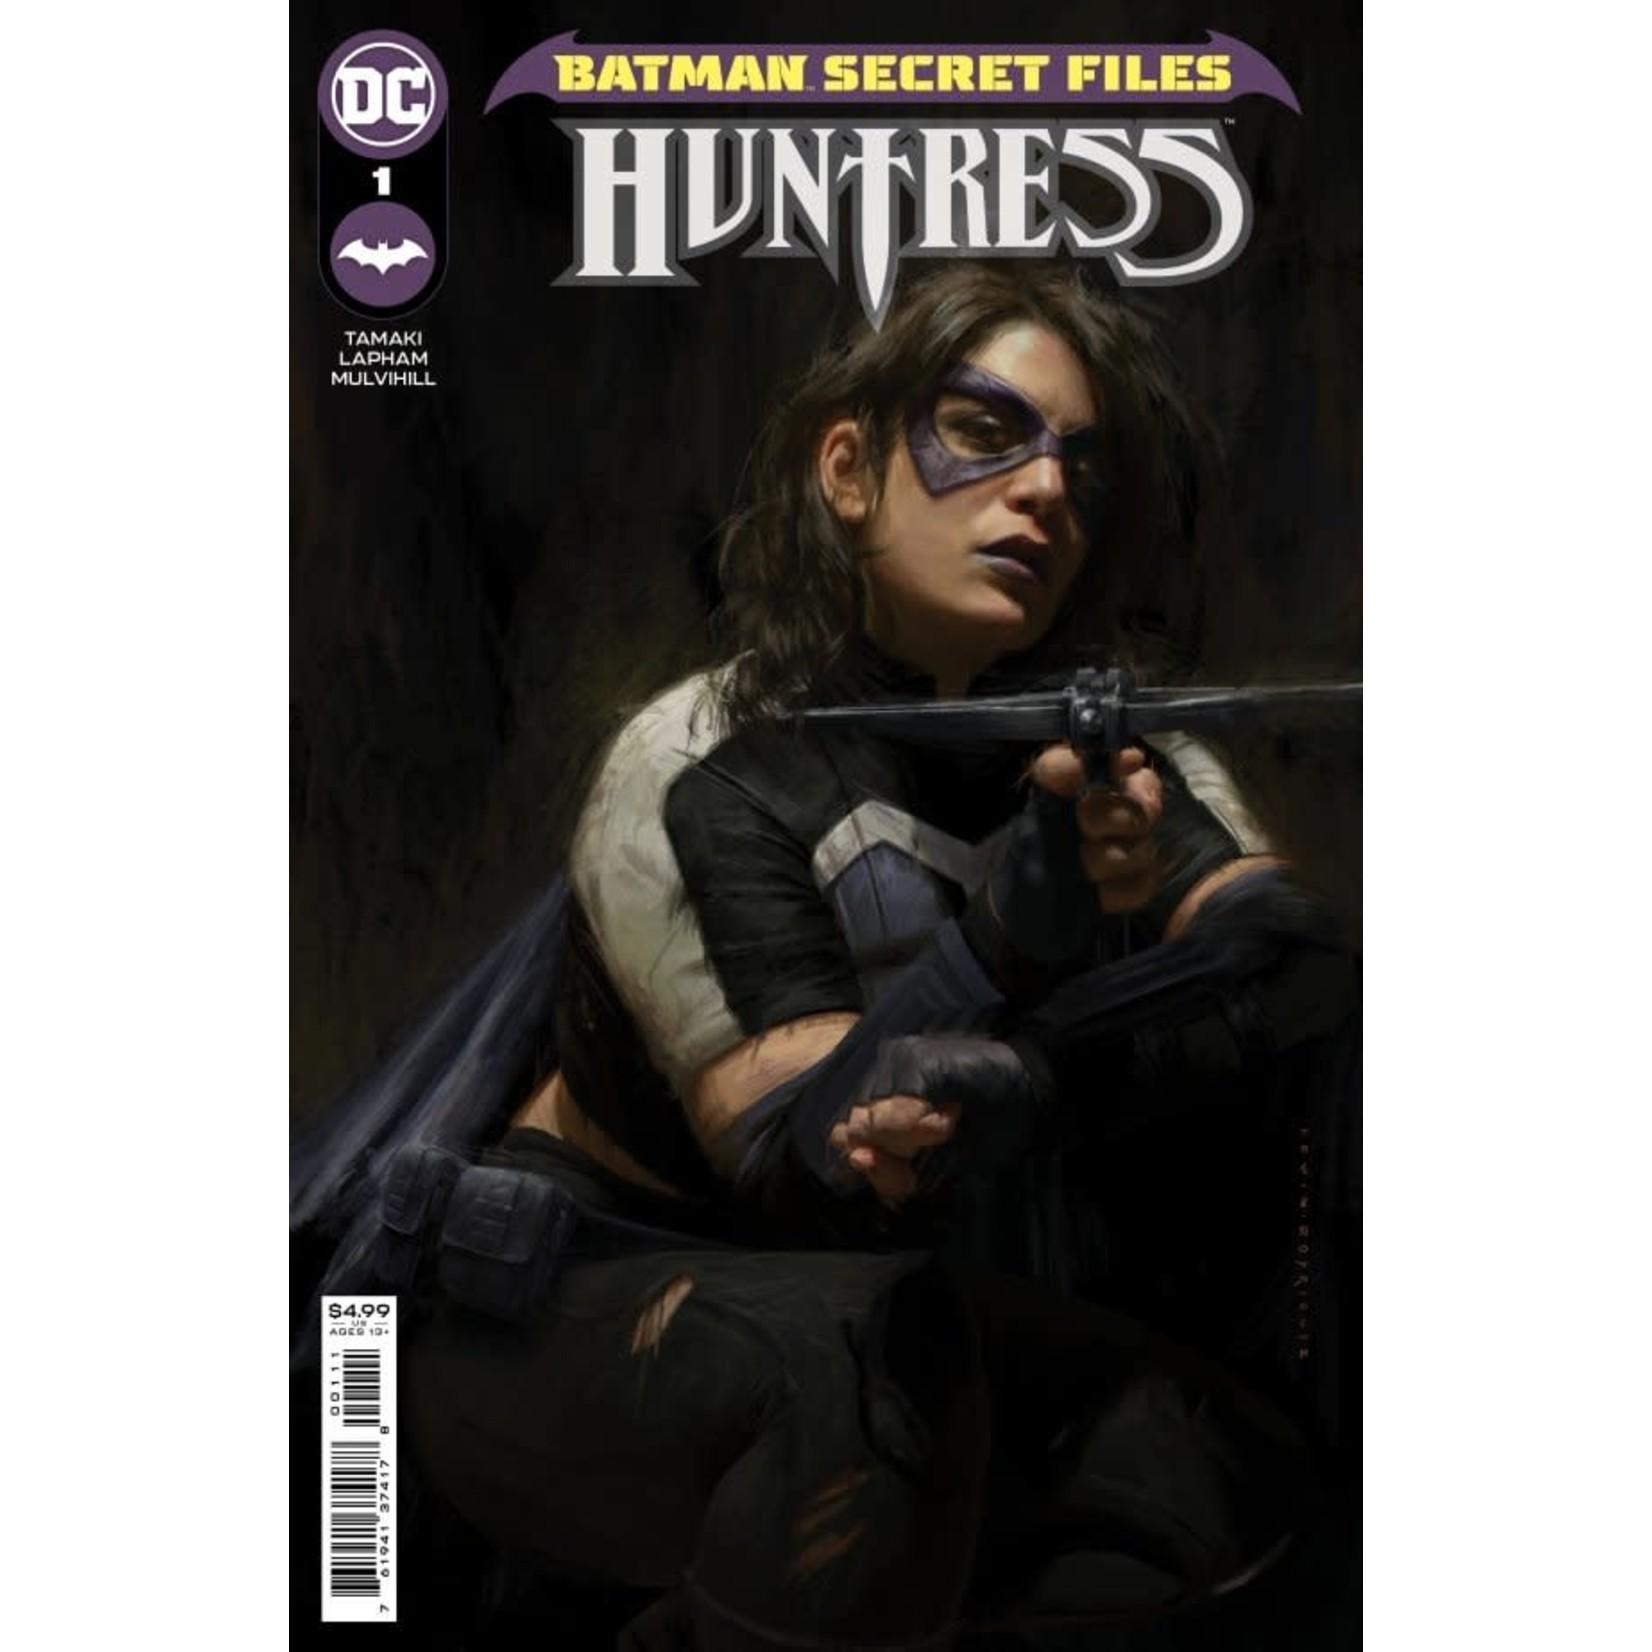 DC Comics Batman Secret Files: Huntress #1